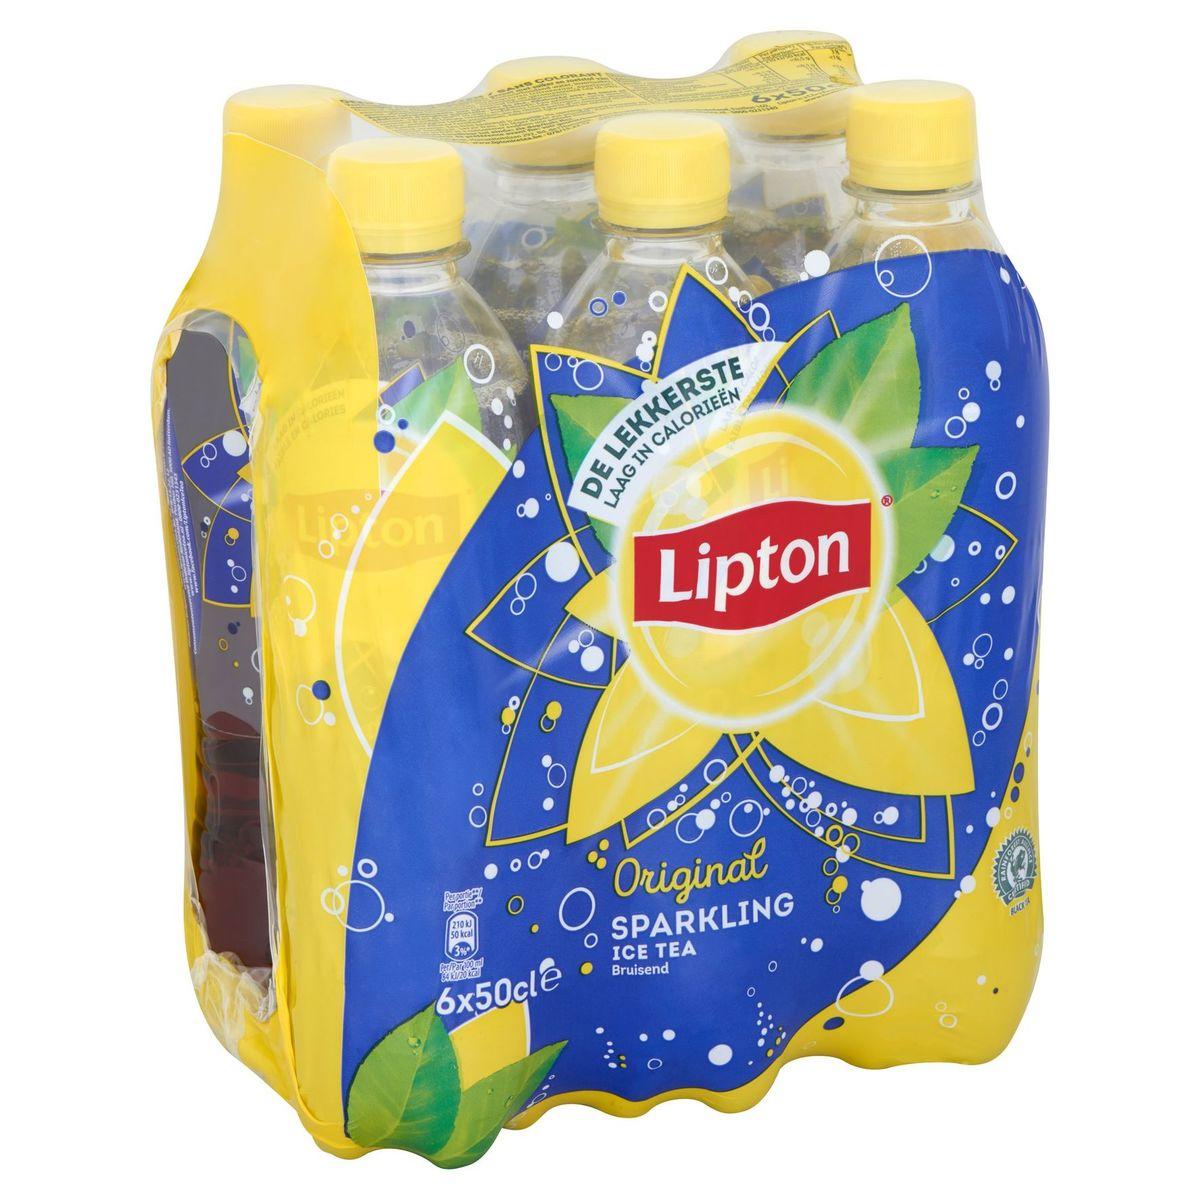 Lipton Iced Tea Thé Glacé Pétillant Original fiable en calories 6x50cl